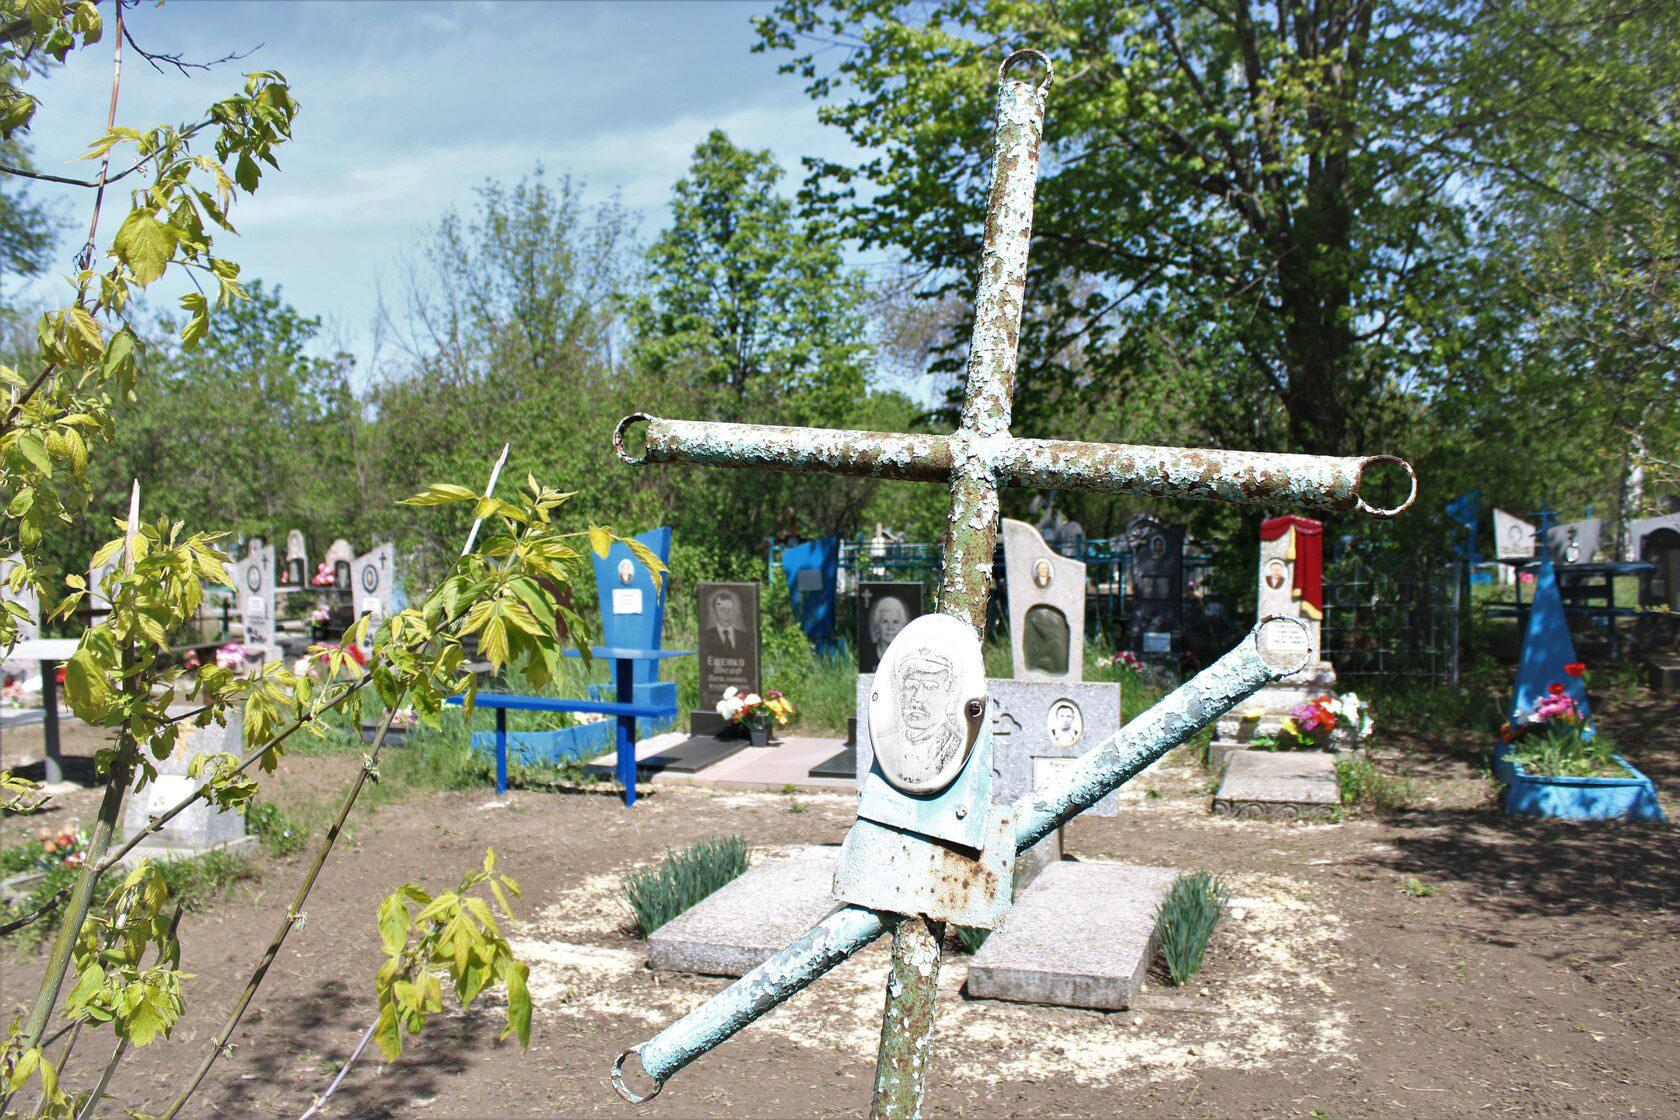 Під Волновахою вміймали чоловіка, який крав металеві конструкції на кладовищі